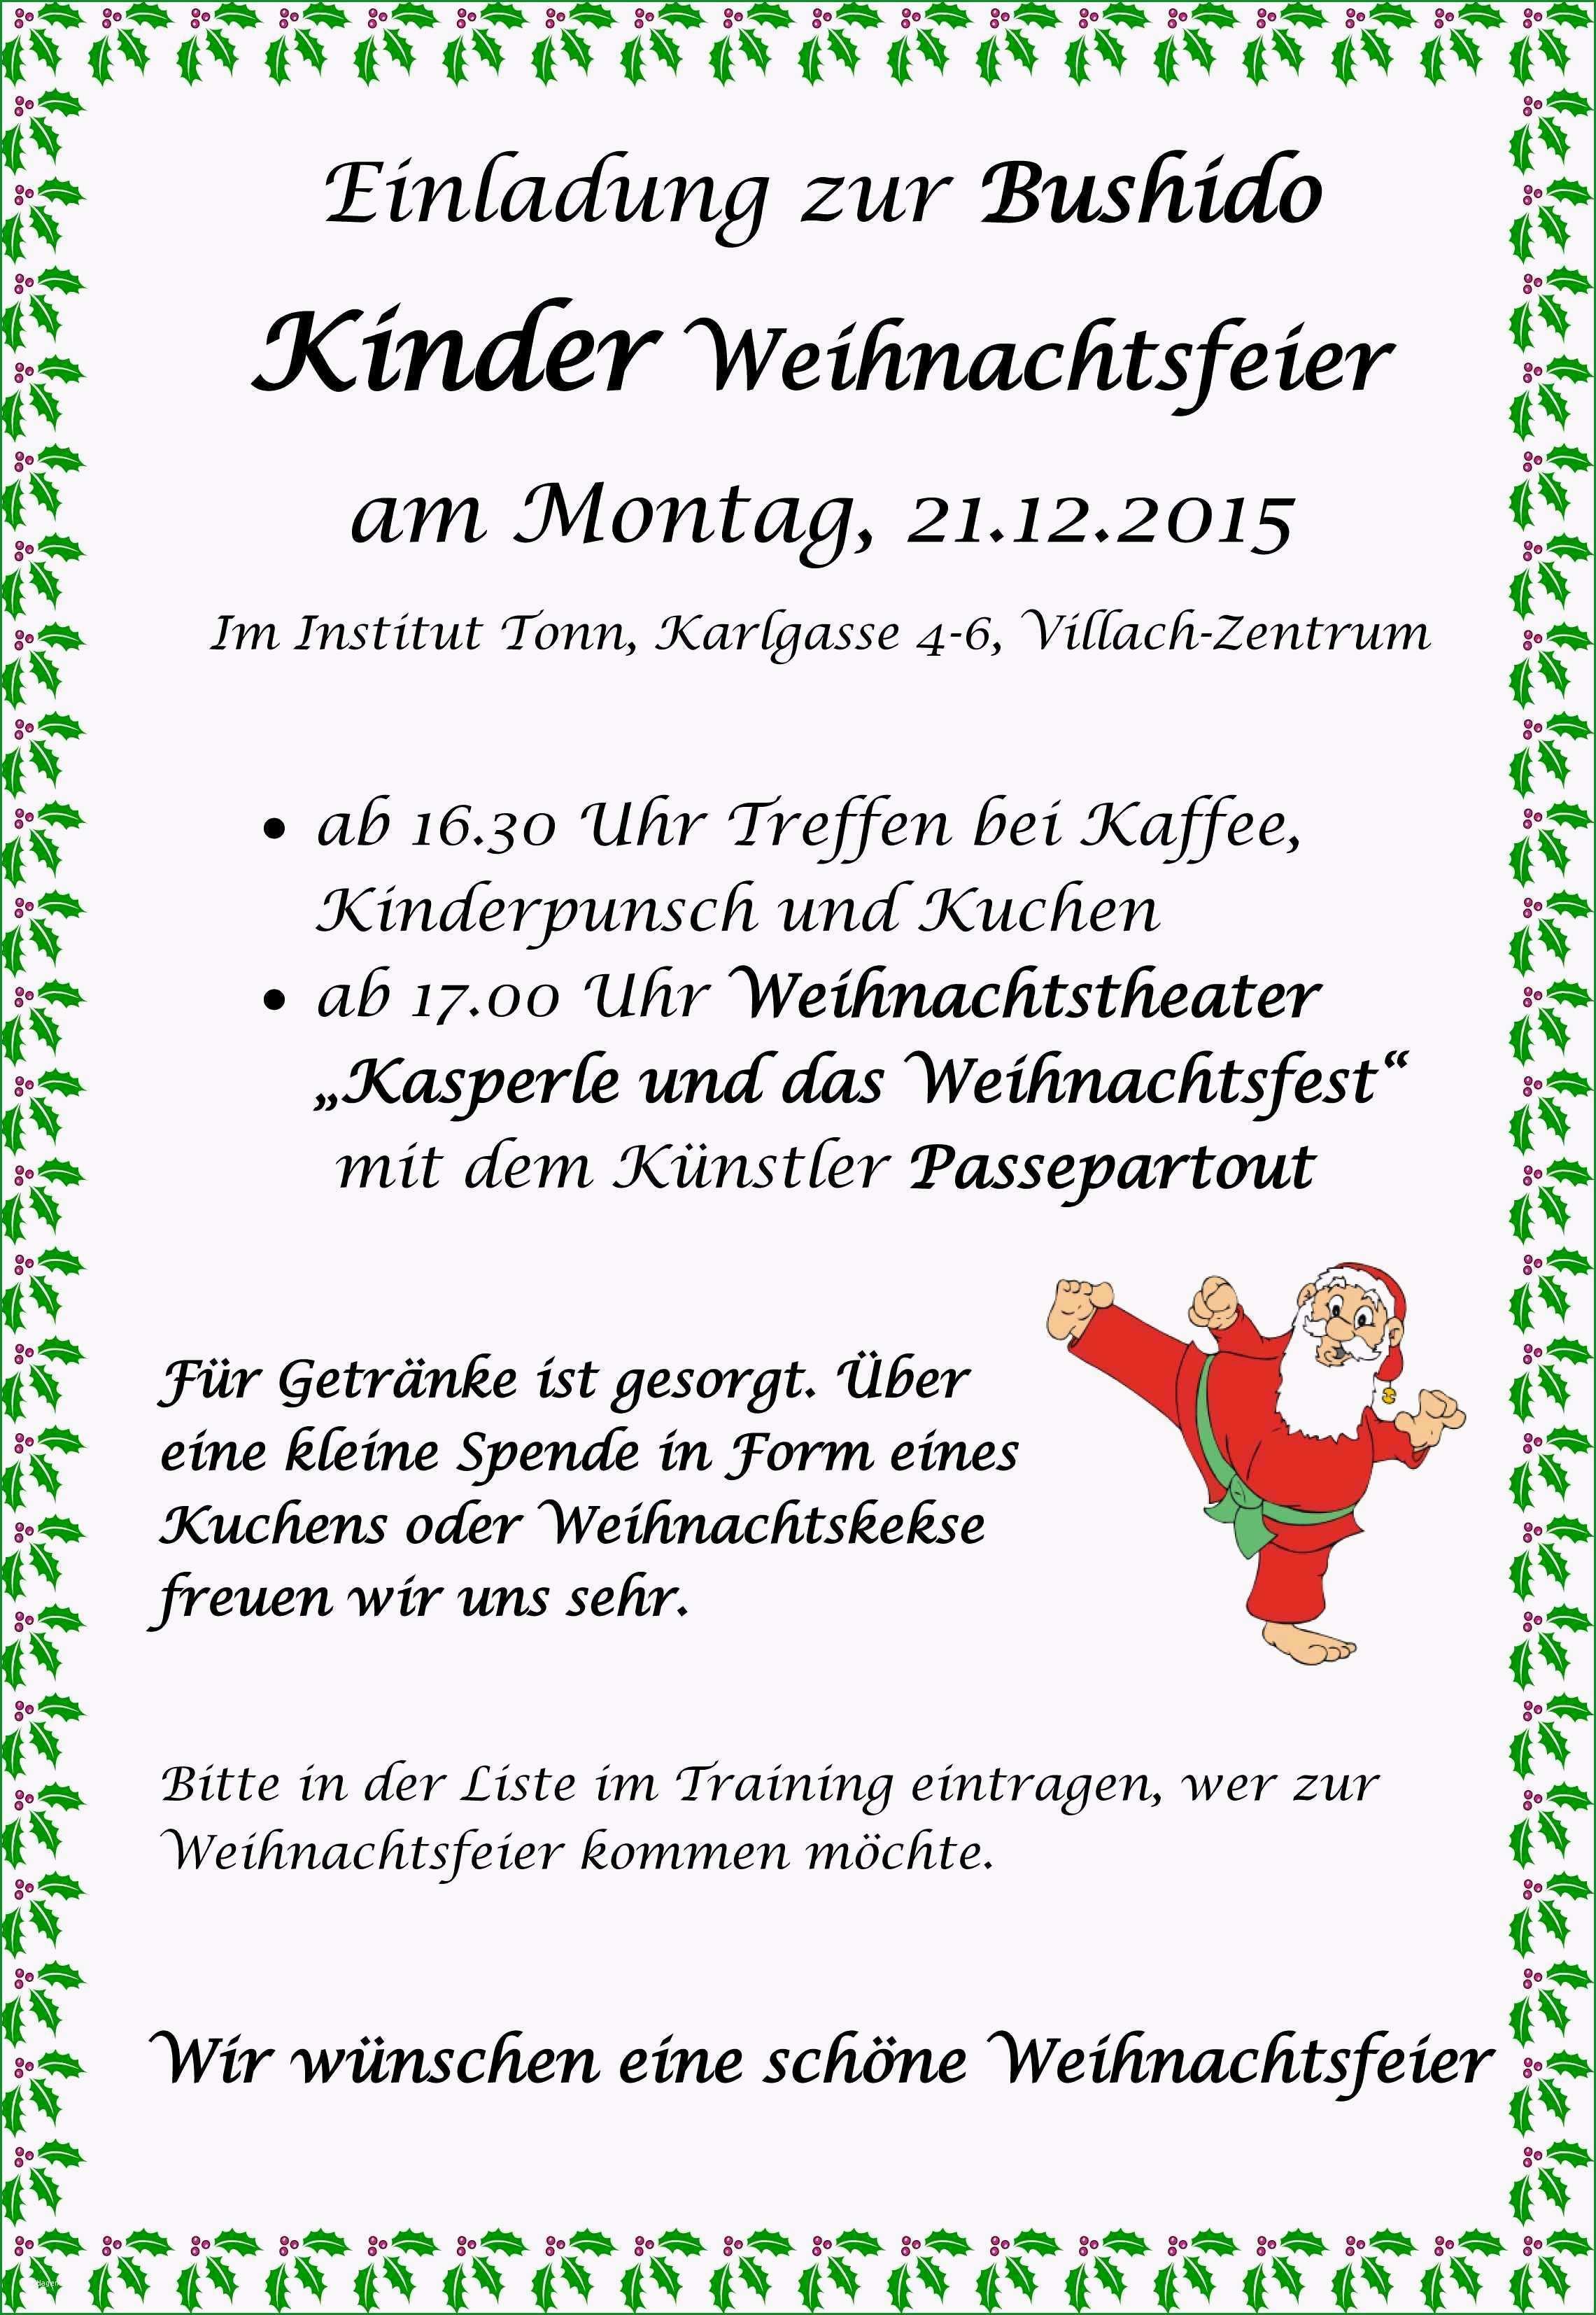 lustige einladung weihnachtsfeier vorlage erstaunlich text fur einladung weihnachtsfeier einladung